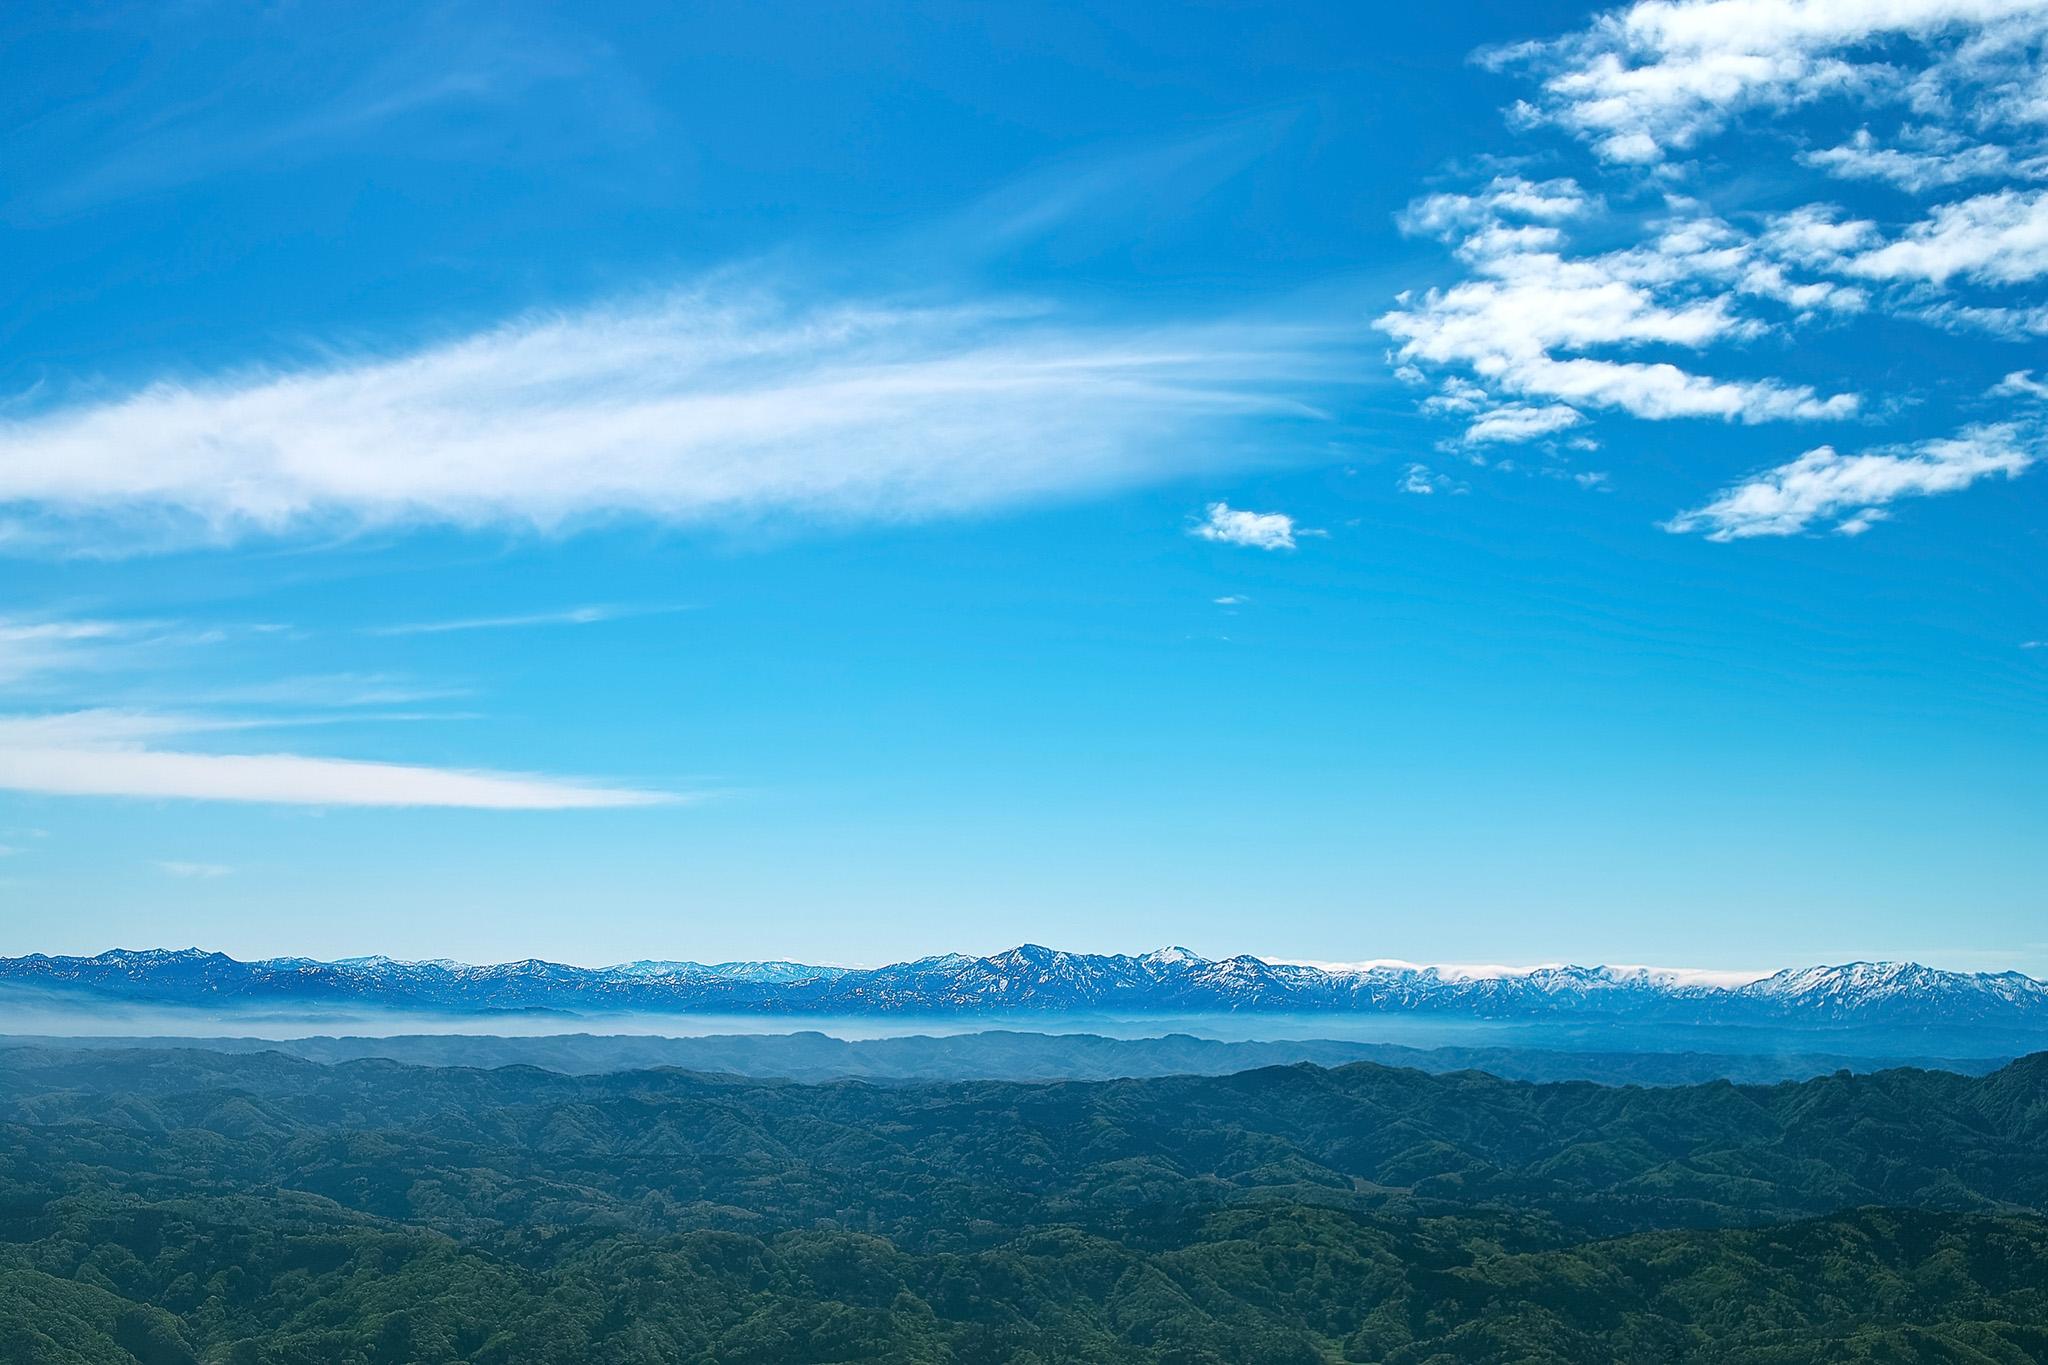 「緑の山々の彼方にある残雪の山脈」